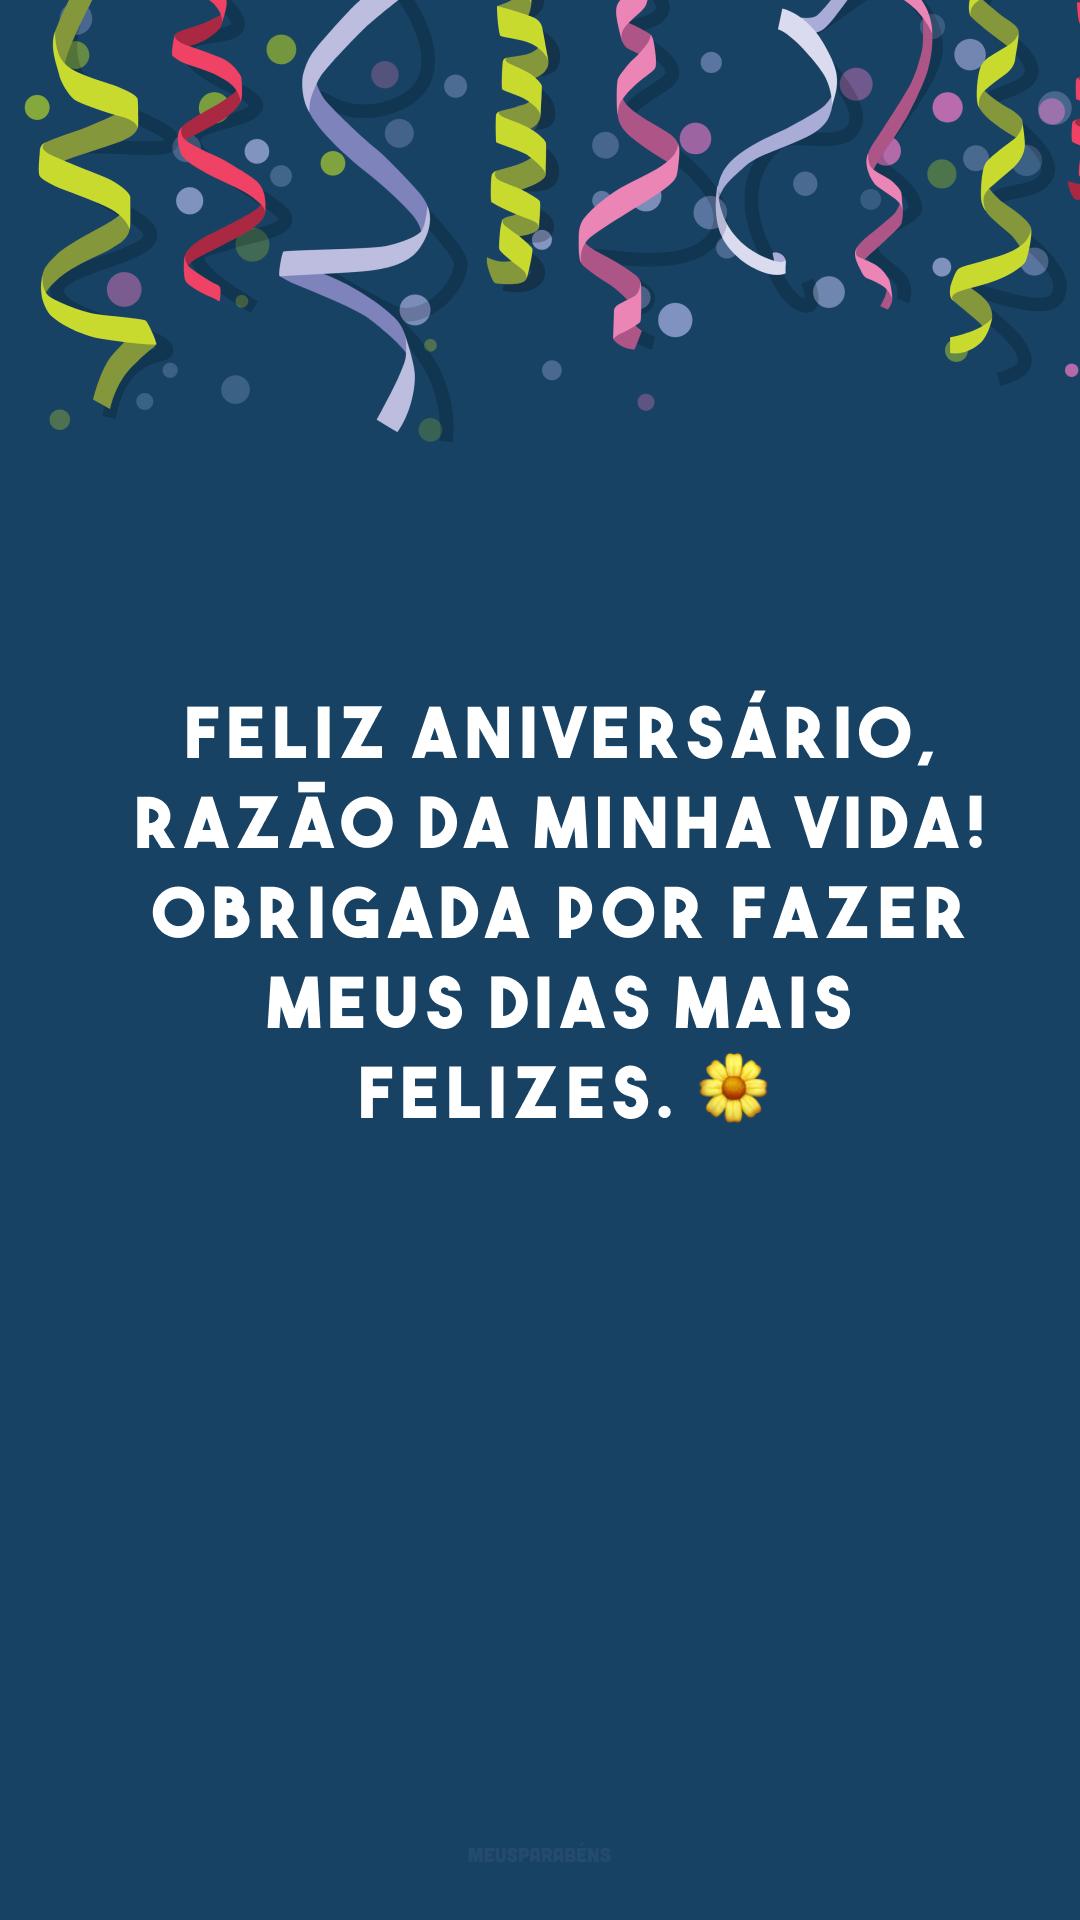 Feliz aniversário, razão da minha vida! Obrigada por fazer meus dias mais felizes. 🌼